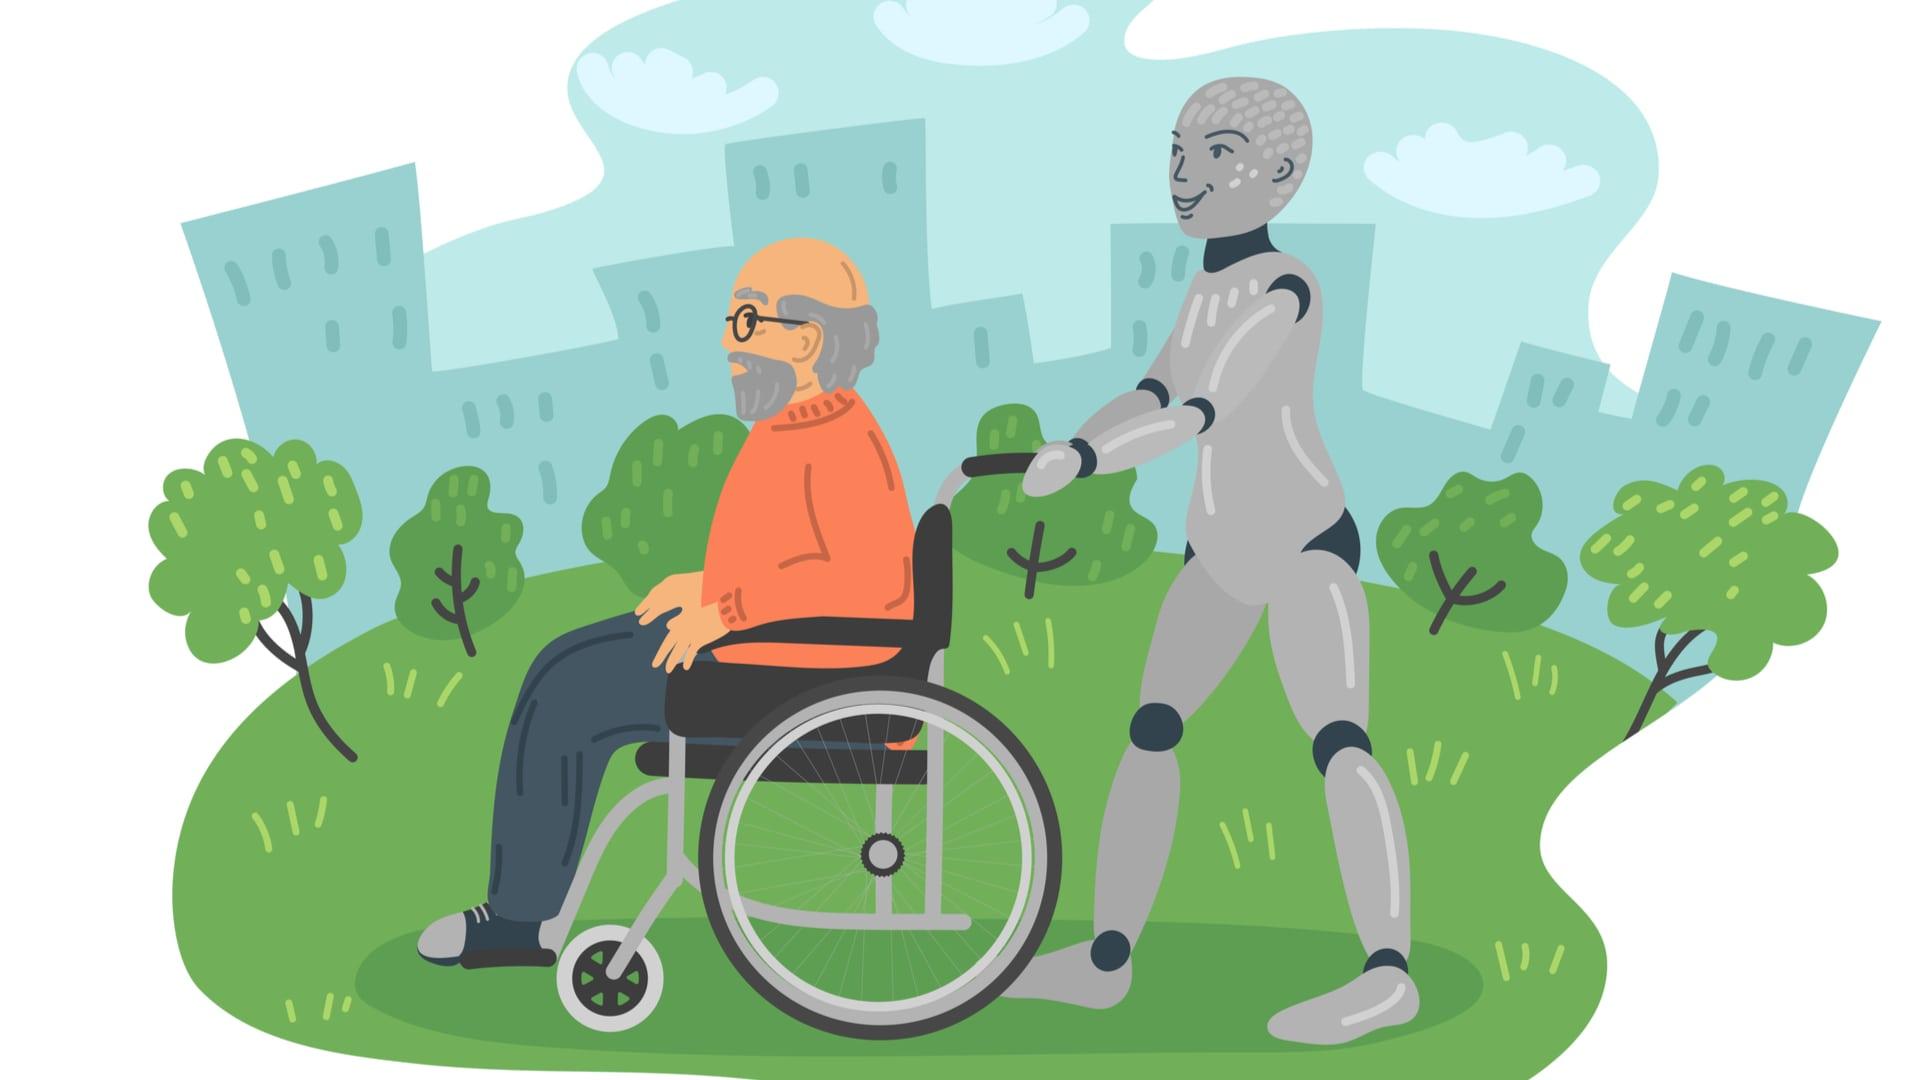 【介護ロボット】移乗介助に役立つおすすめ5選!負担軽減